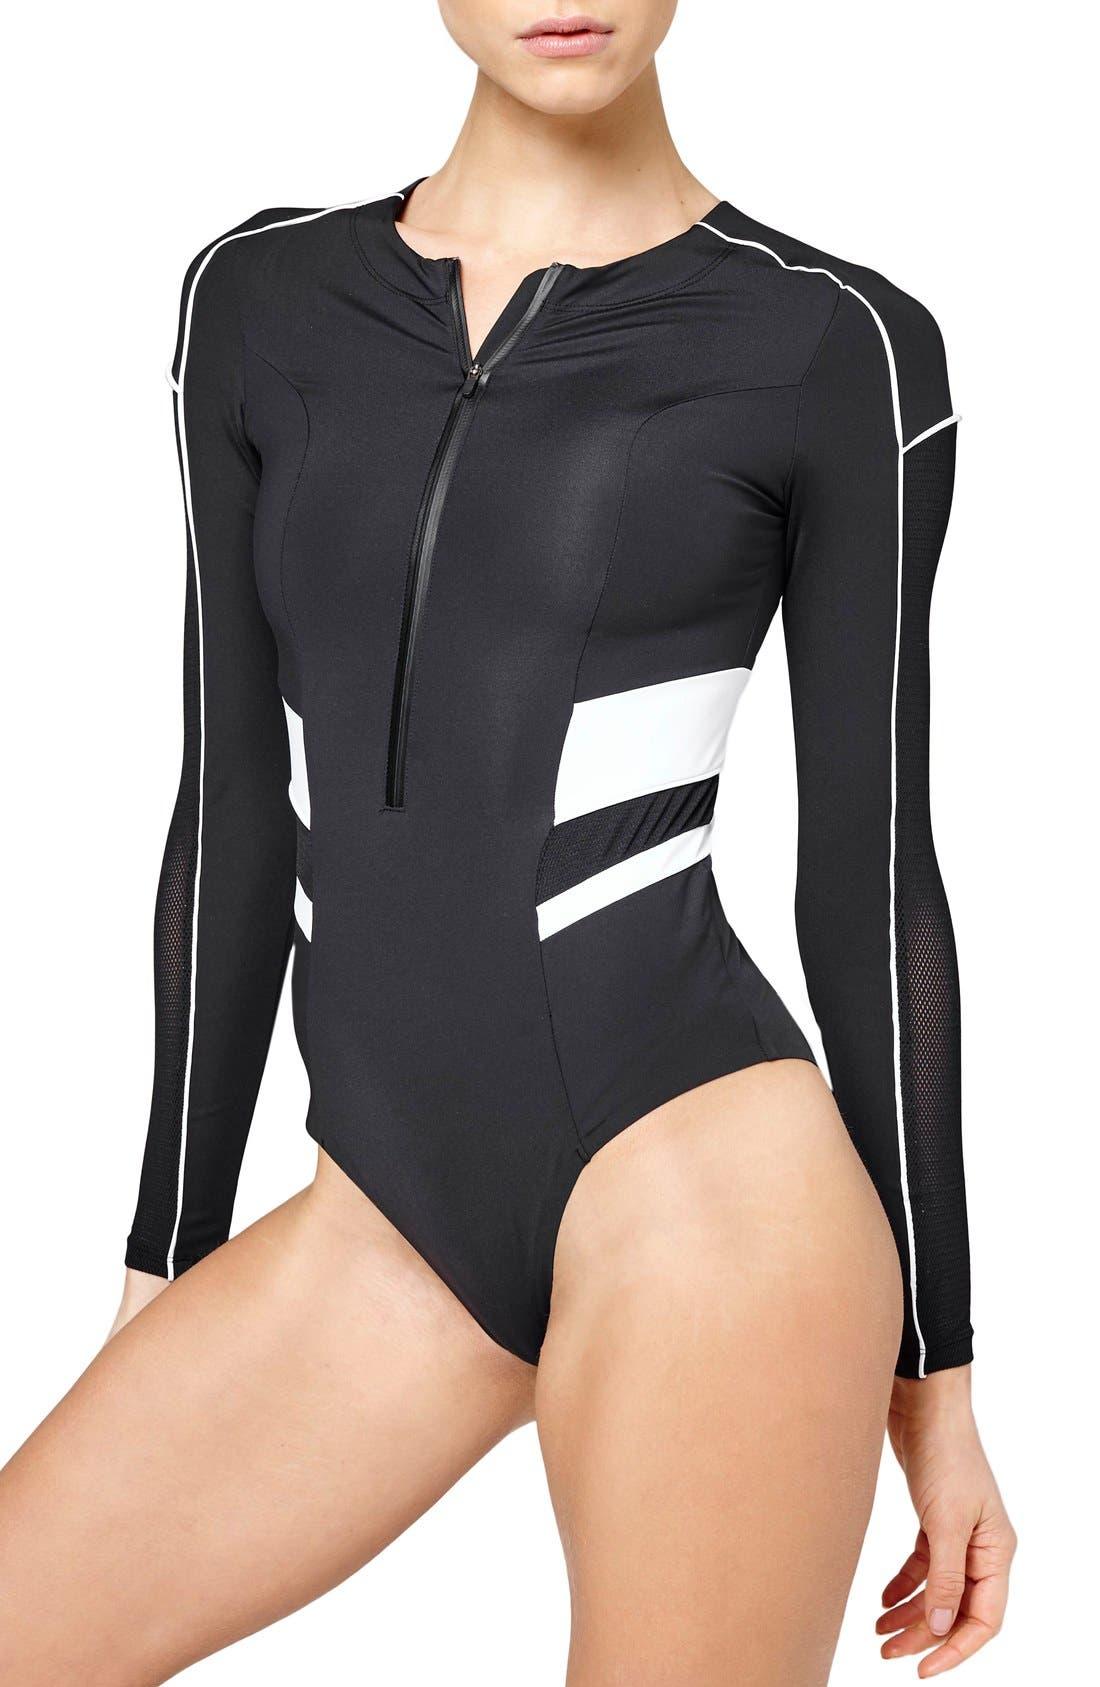 Main Image - IVY PARK® Biker Colorblock Bodysuit